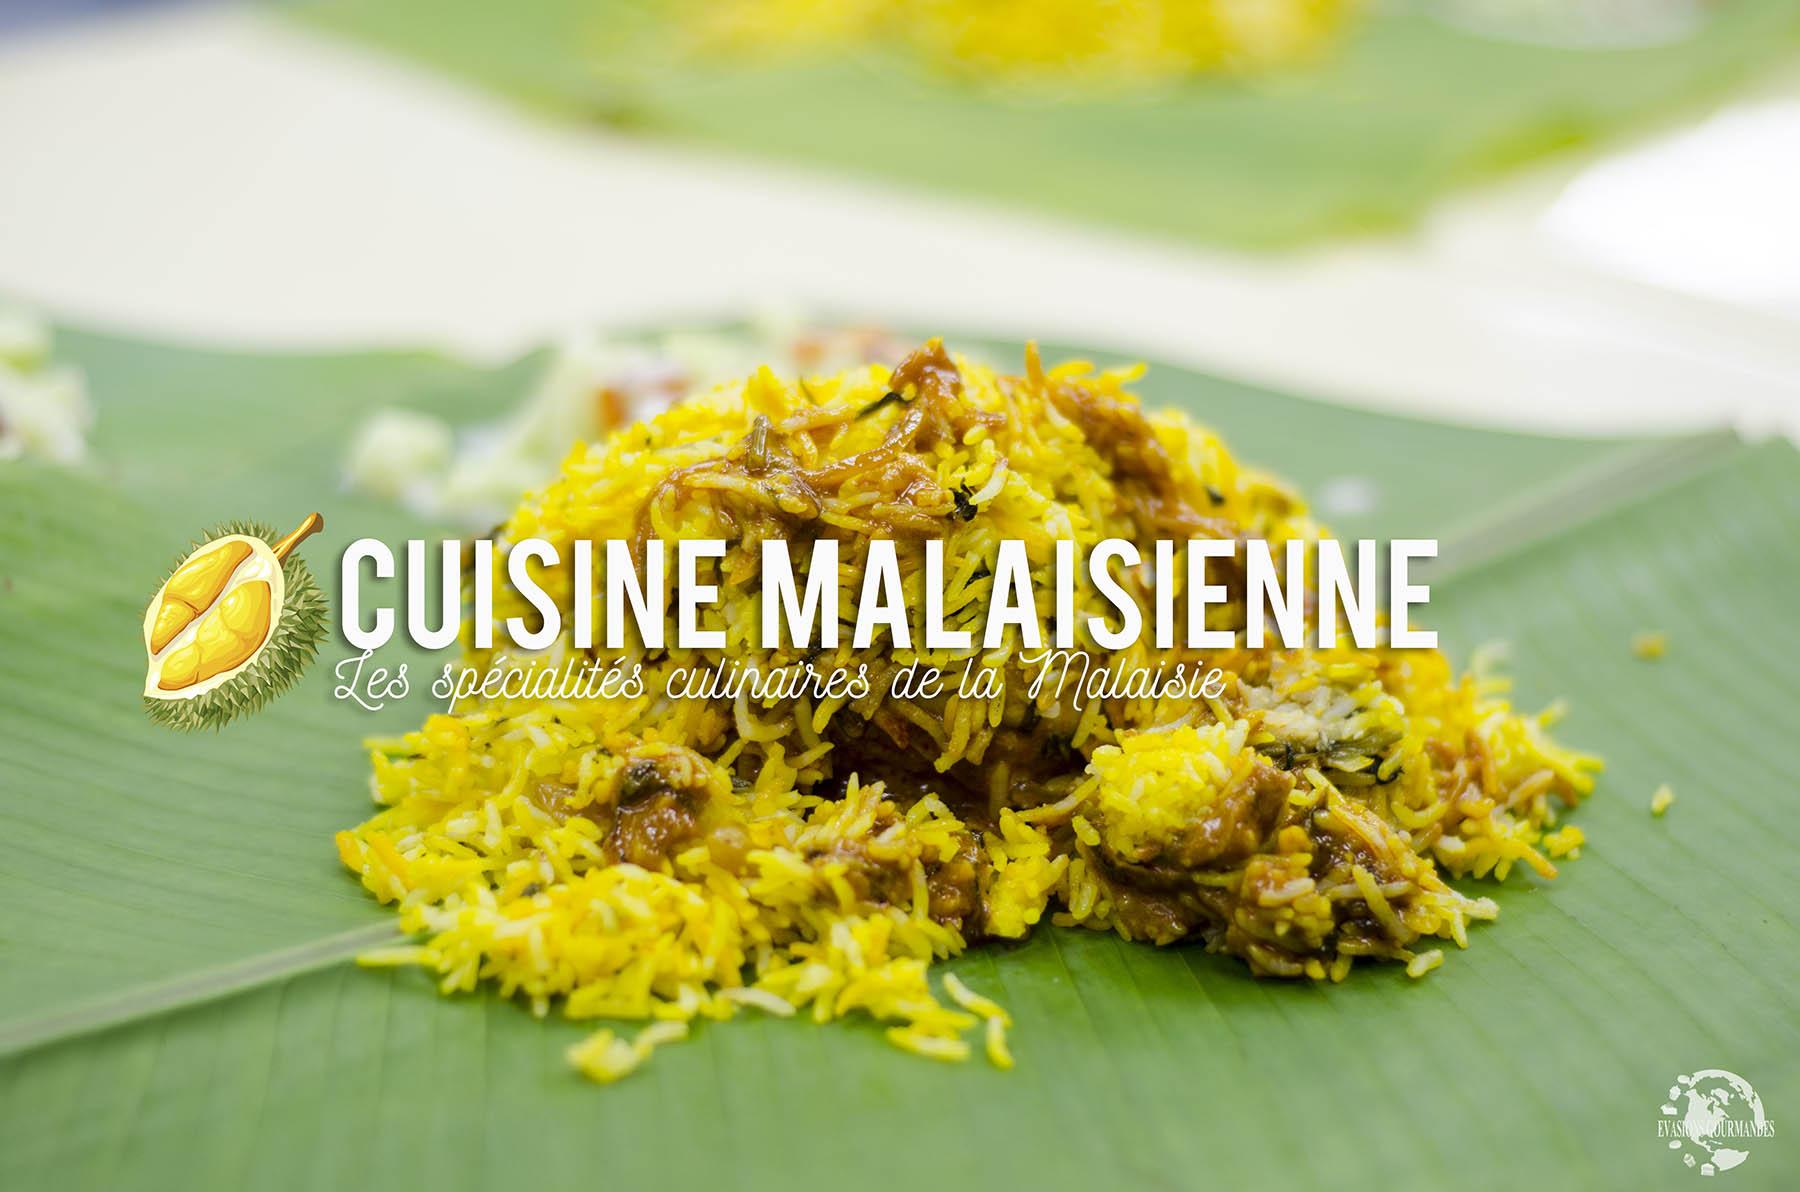 Cuisine malaisienne